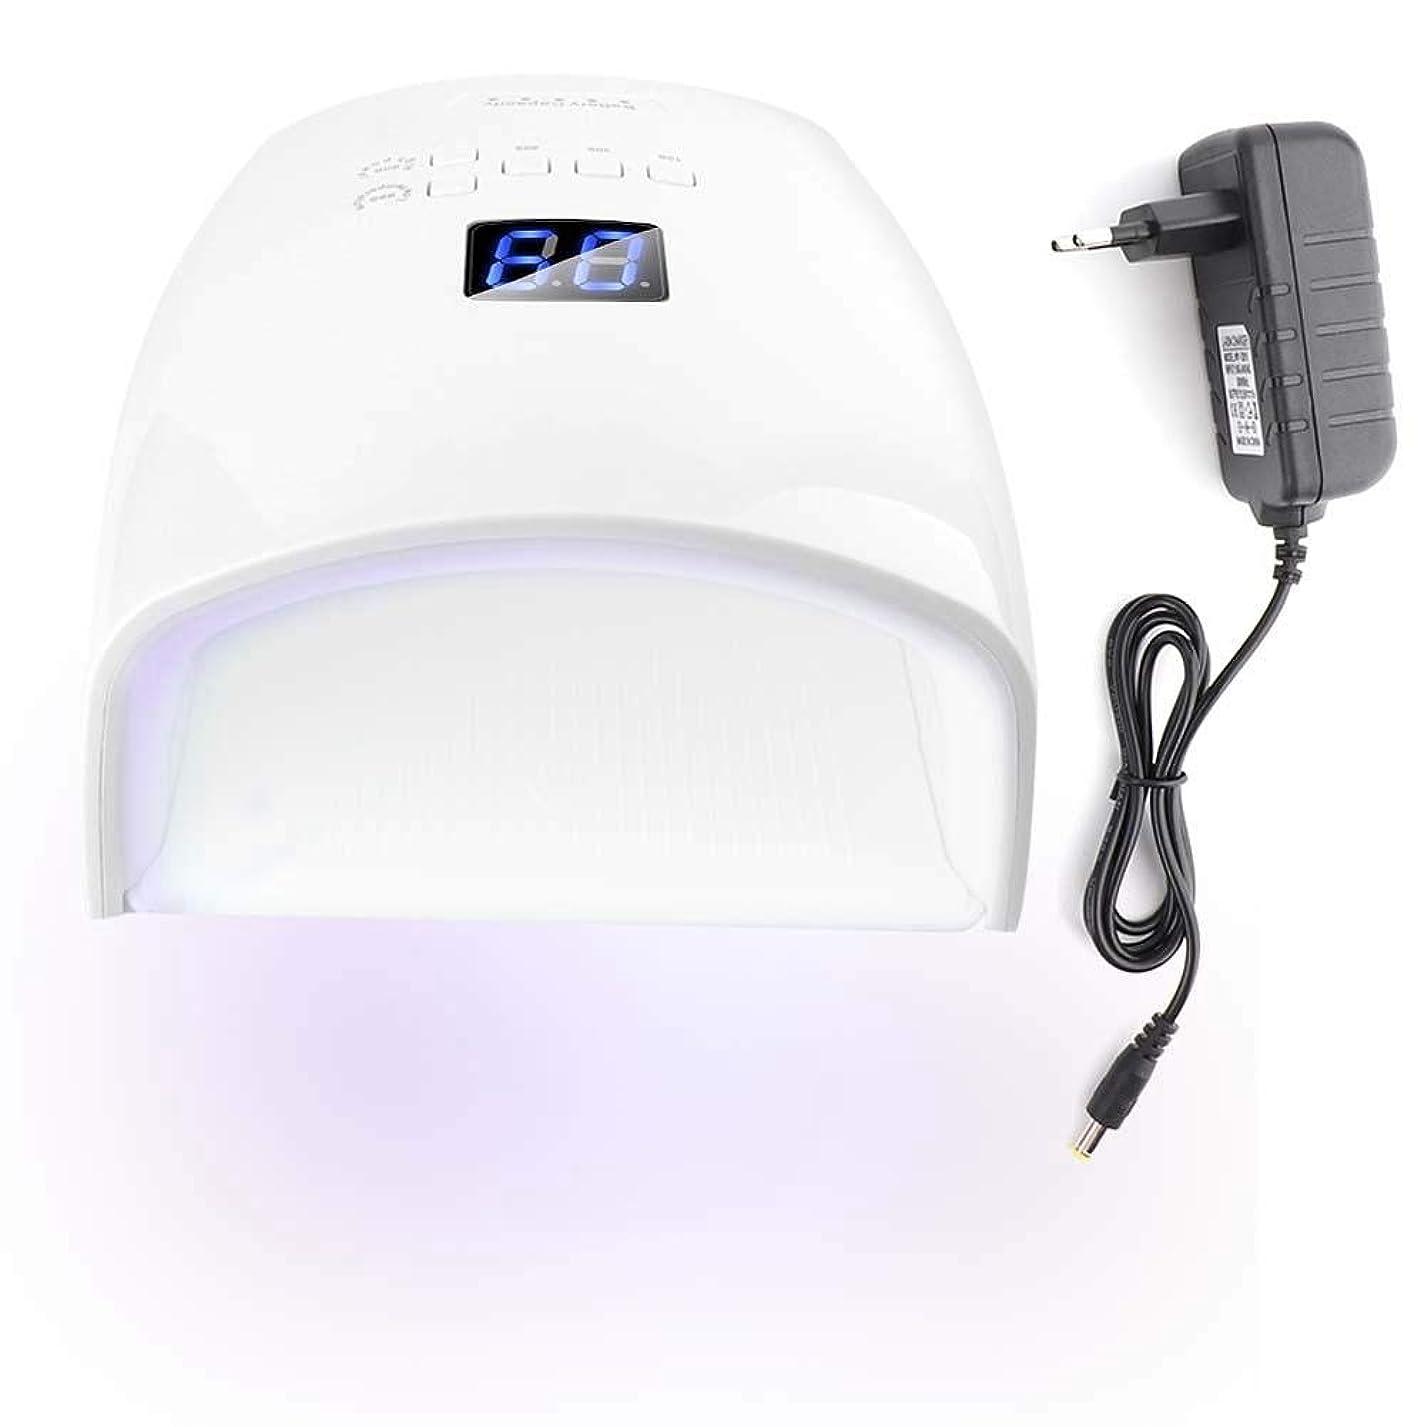 エキゾチックガイダンス線形48Wネイルドライヤー 30光 自動センサー 5タイマー付き UV LEDネイルランプ (ホワイト)